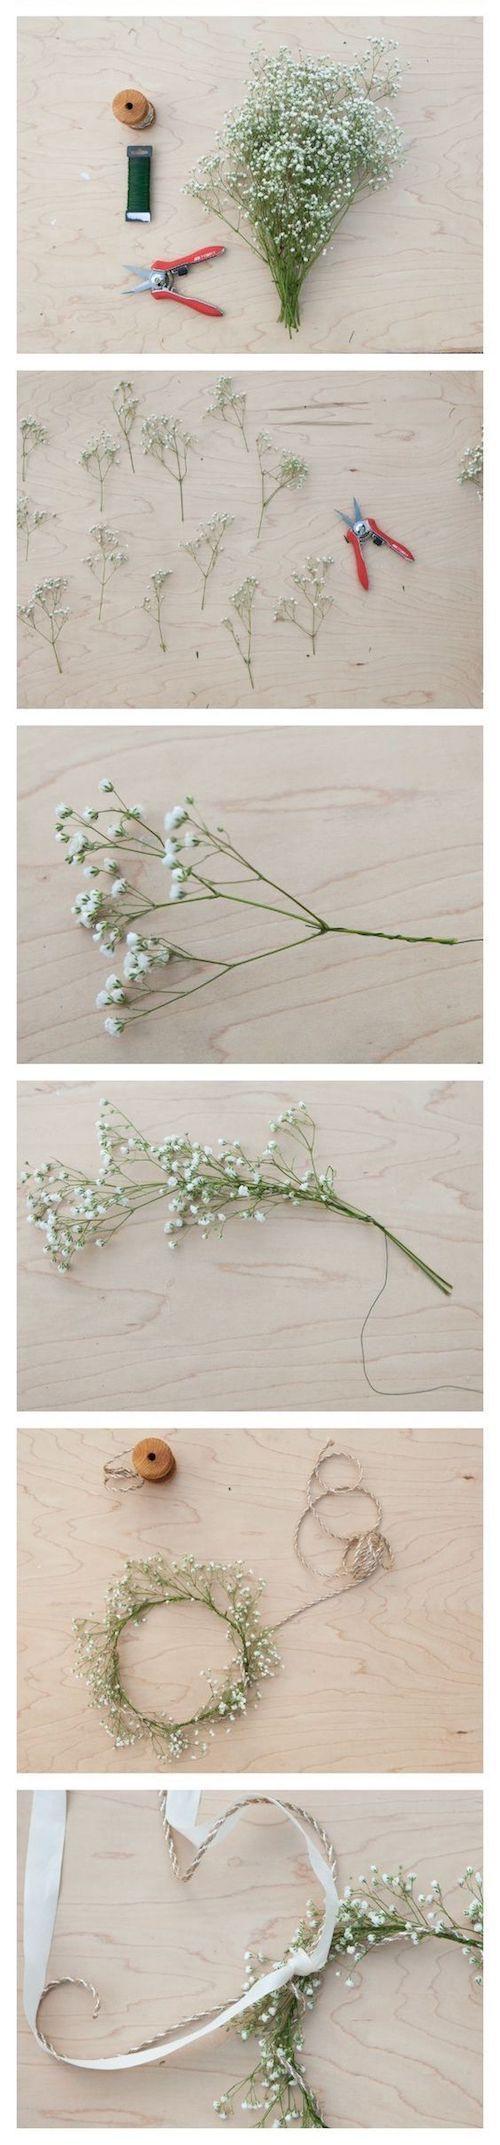 Para las que prefieren no gastar mucho en este detalle pero igual lucir increíbles: como hacer una corona de flores con gipsófilas o flores de relleno. #novias #diy